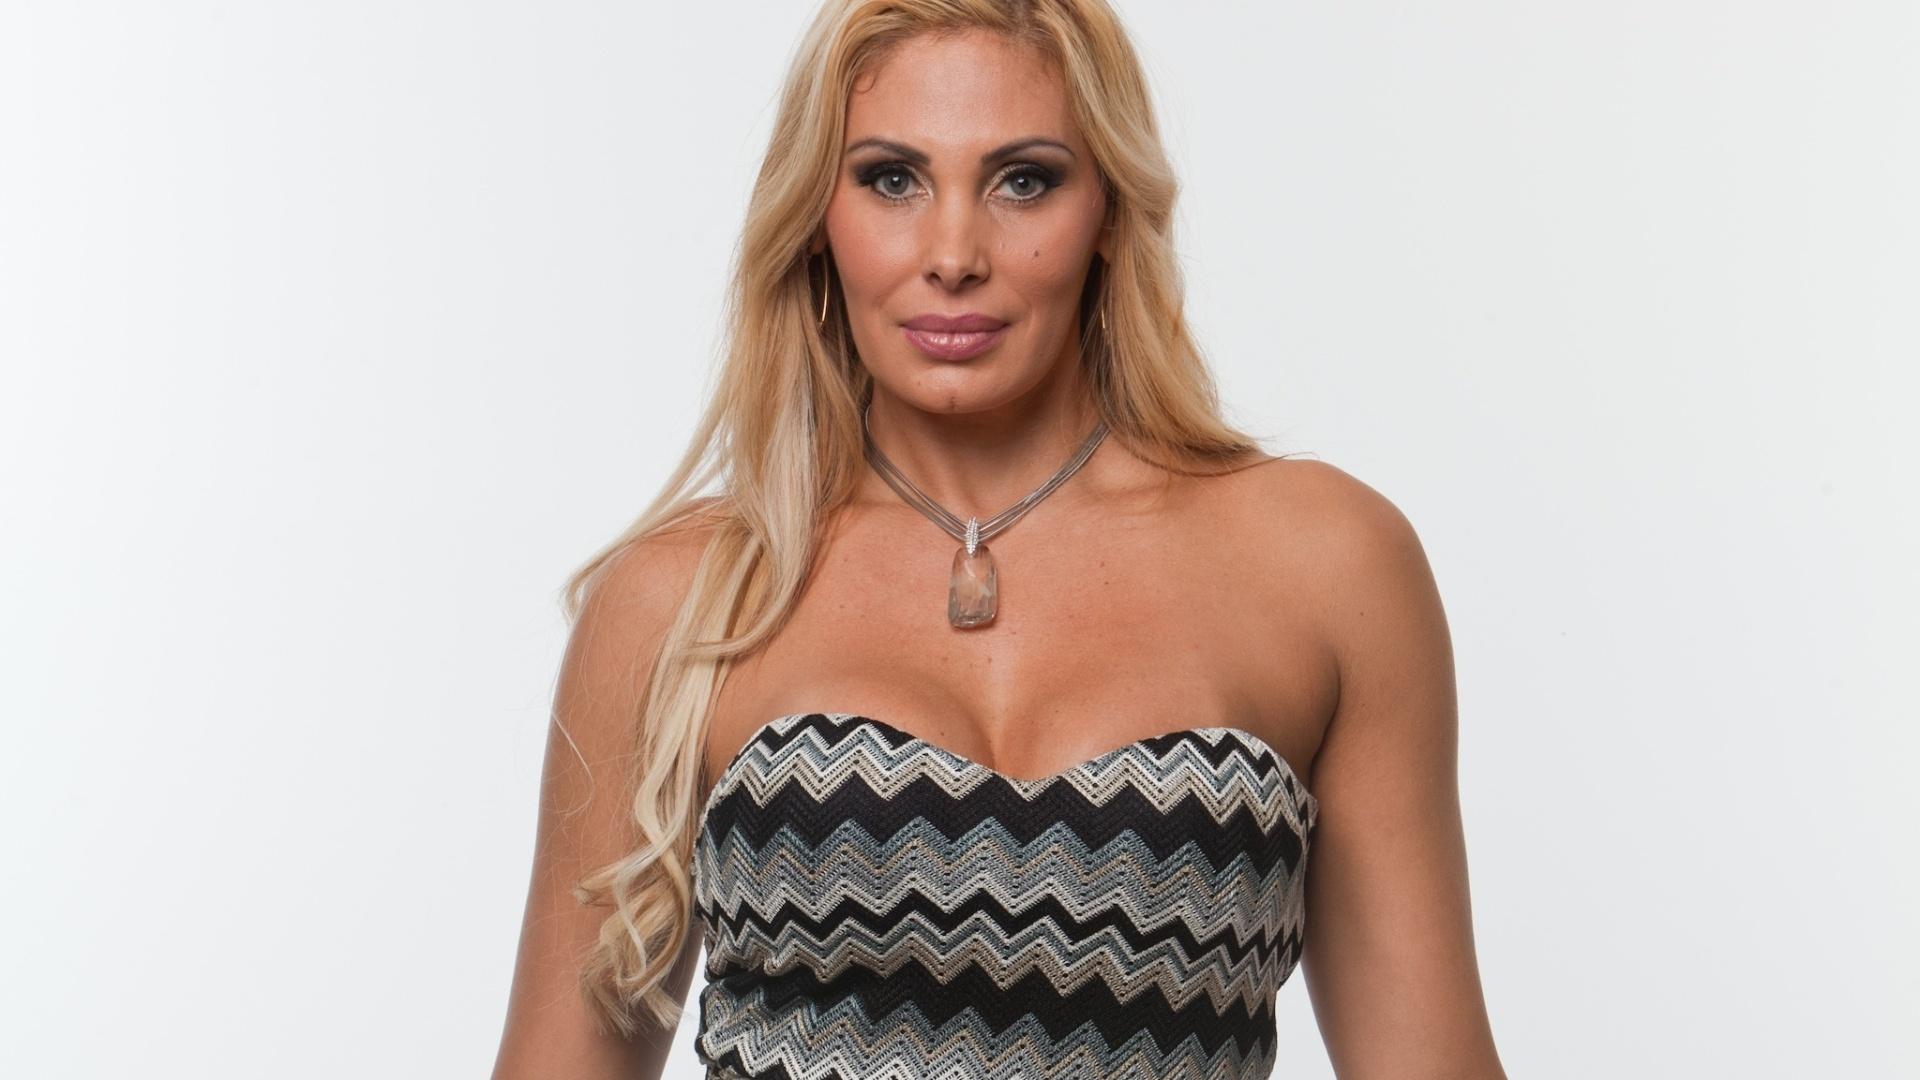 A modelo e apresentadora Angela Bismarchi, 46 anos, conhecida pelas diversas cirurgias plásticas que já fez e pelas dicas de sexo que compartilha com usuários nas redes sociais